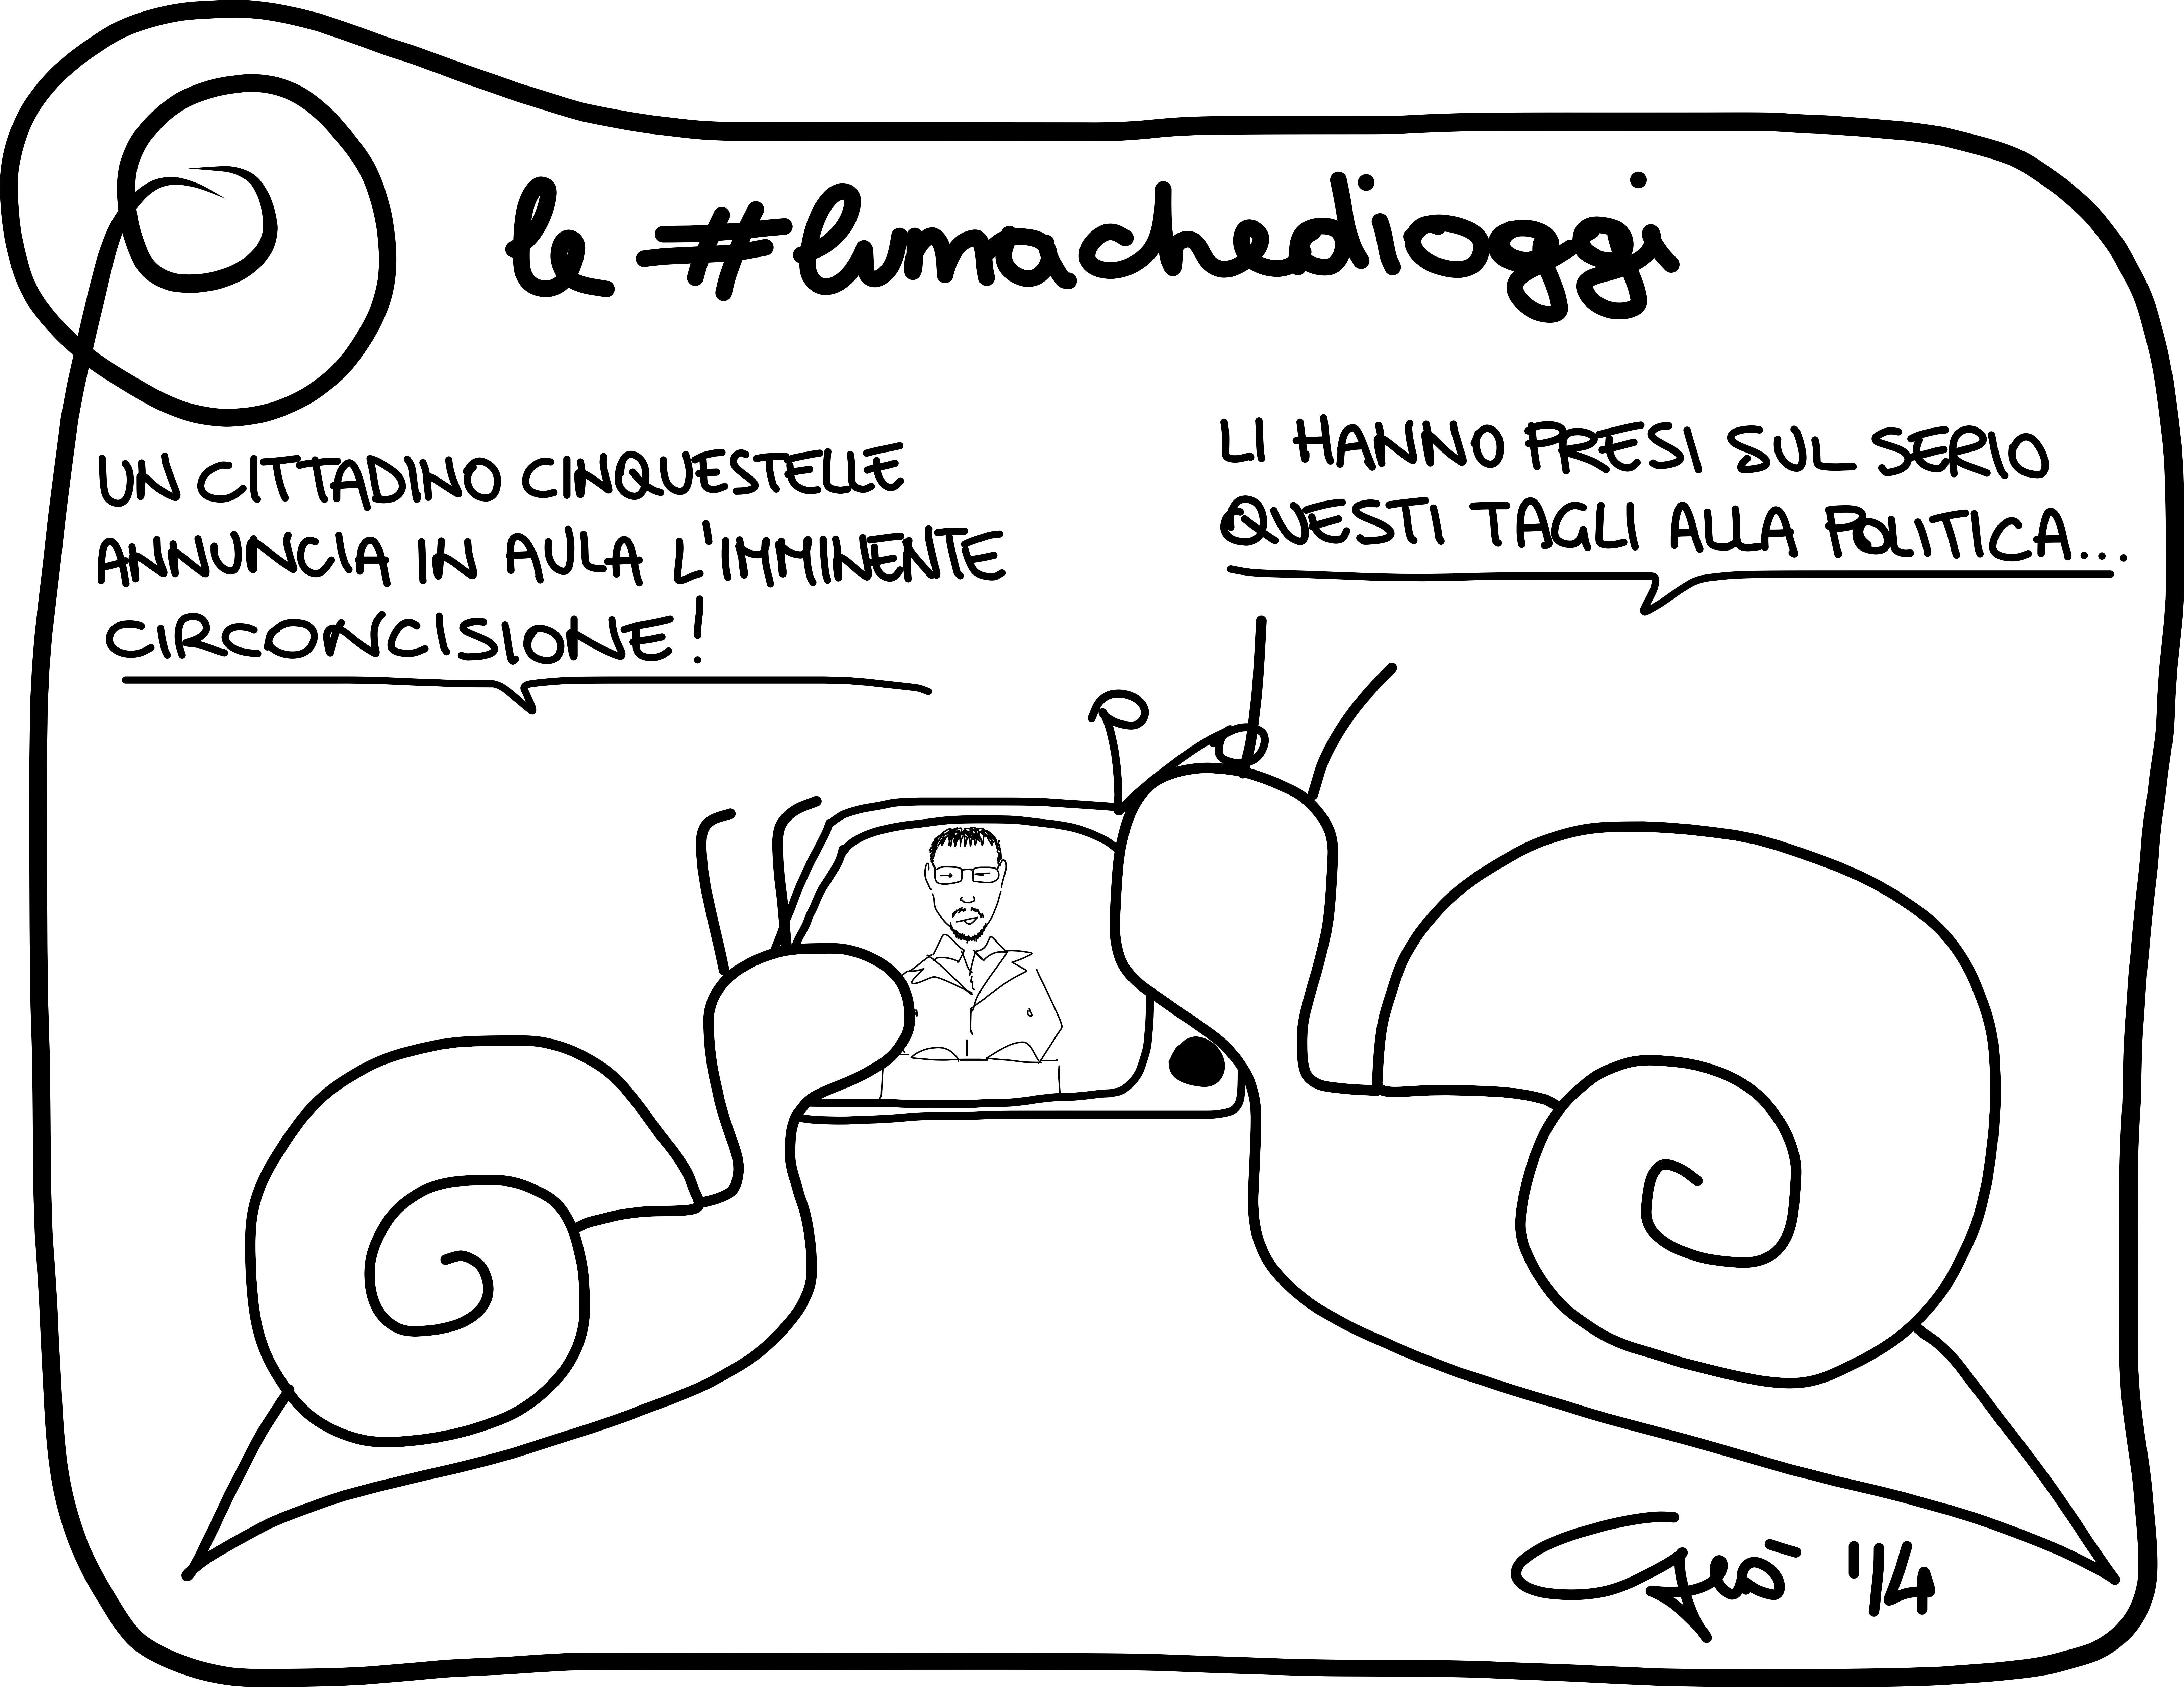 #lumachedioggi di Giovanni Laccetti del 26.3.2014